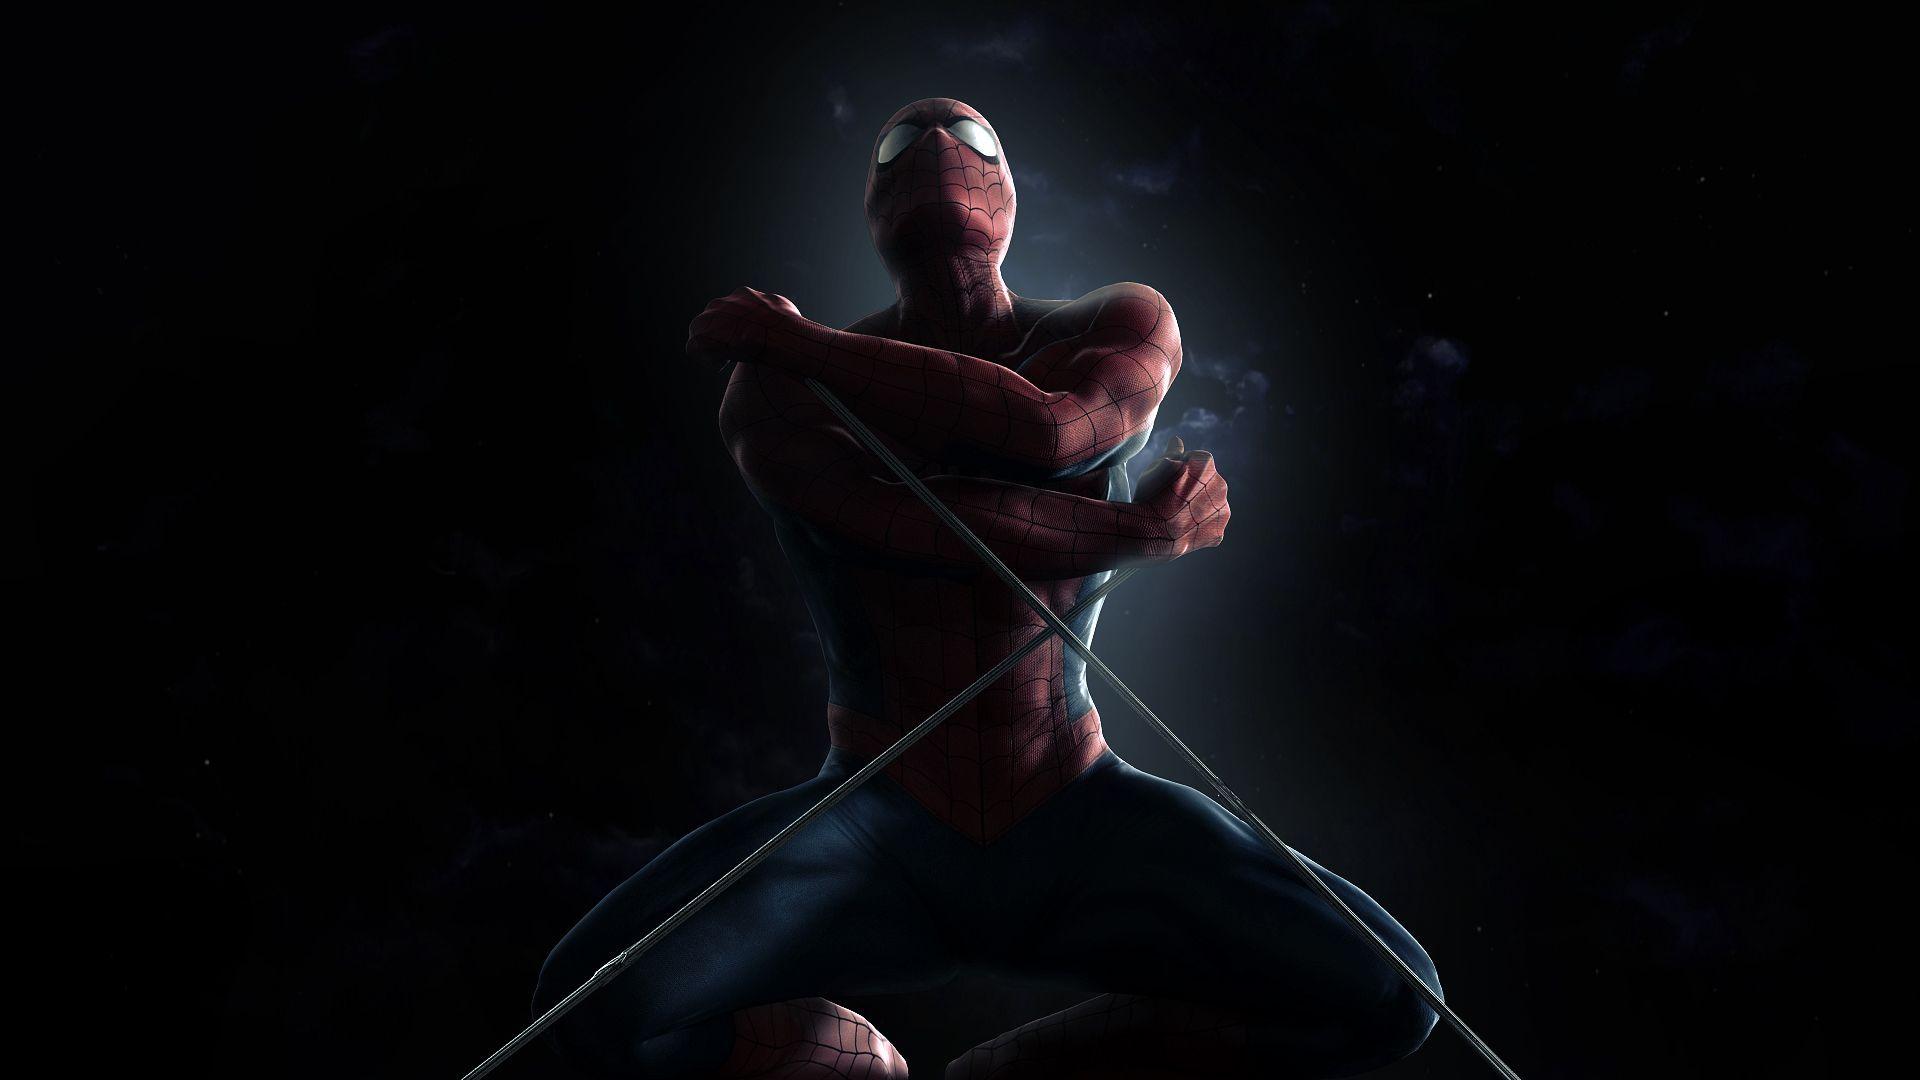 fav 0 rate 0 tweet 1920x1080 comics spider man resolution 1920x1080 1920x1080